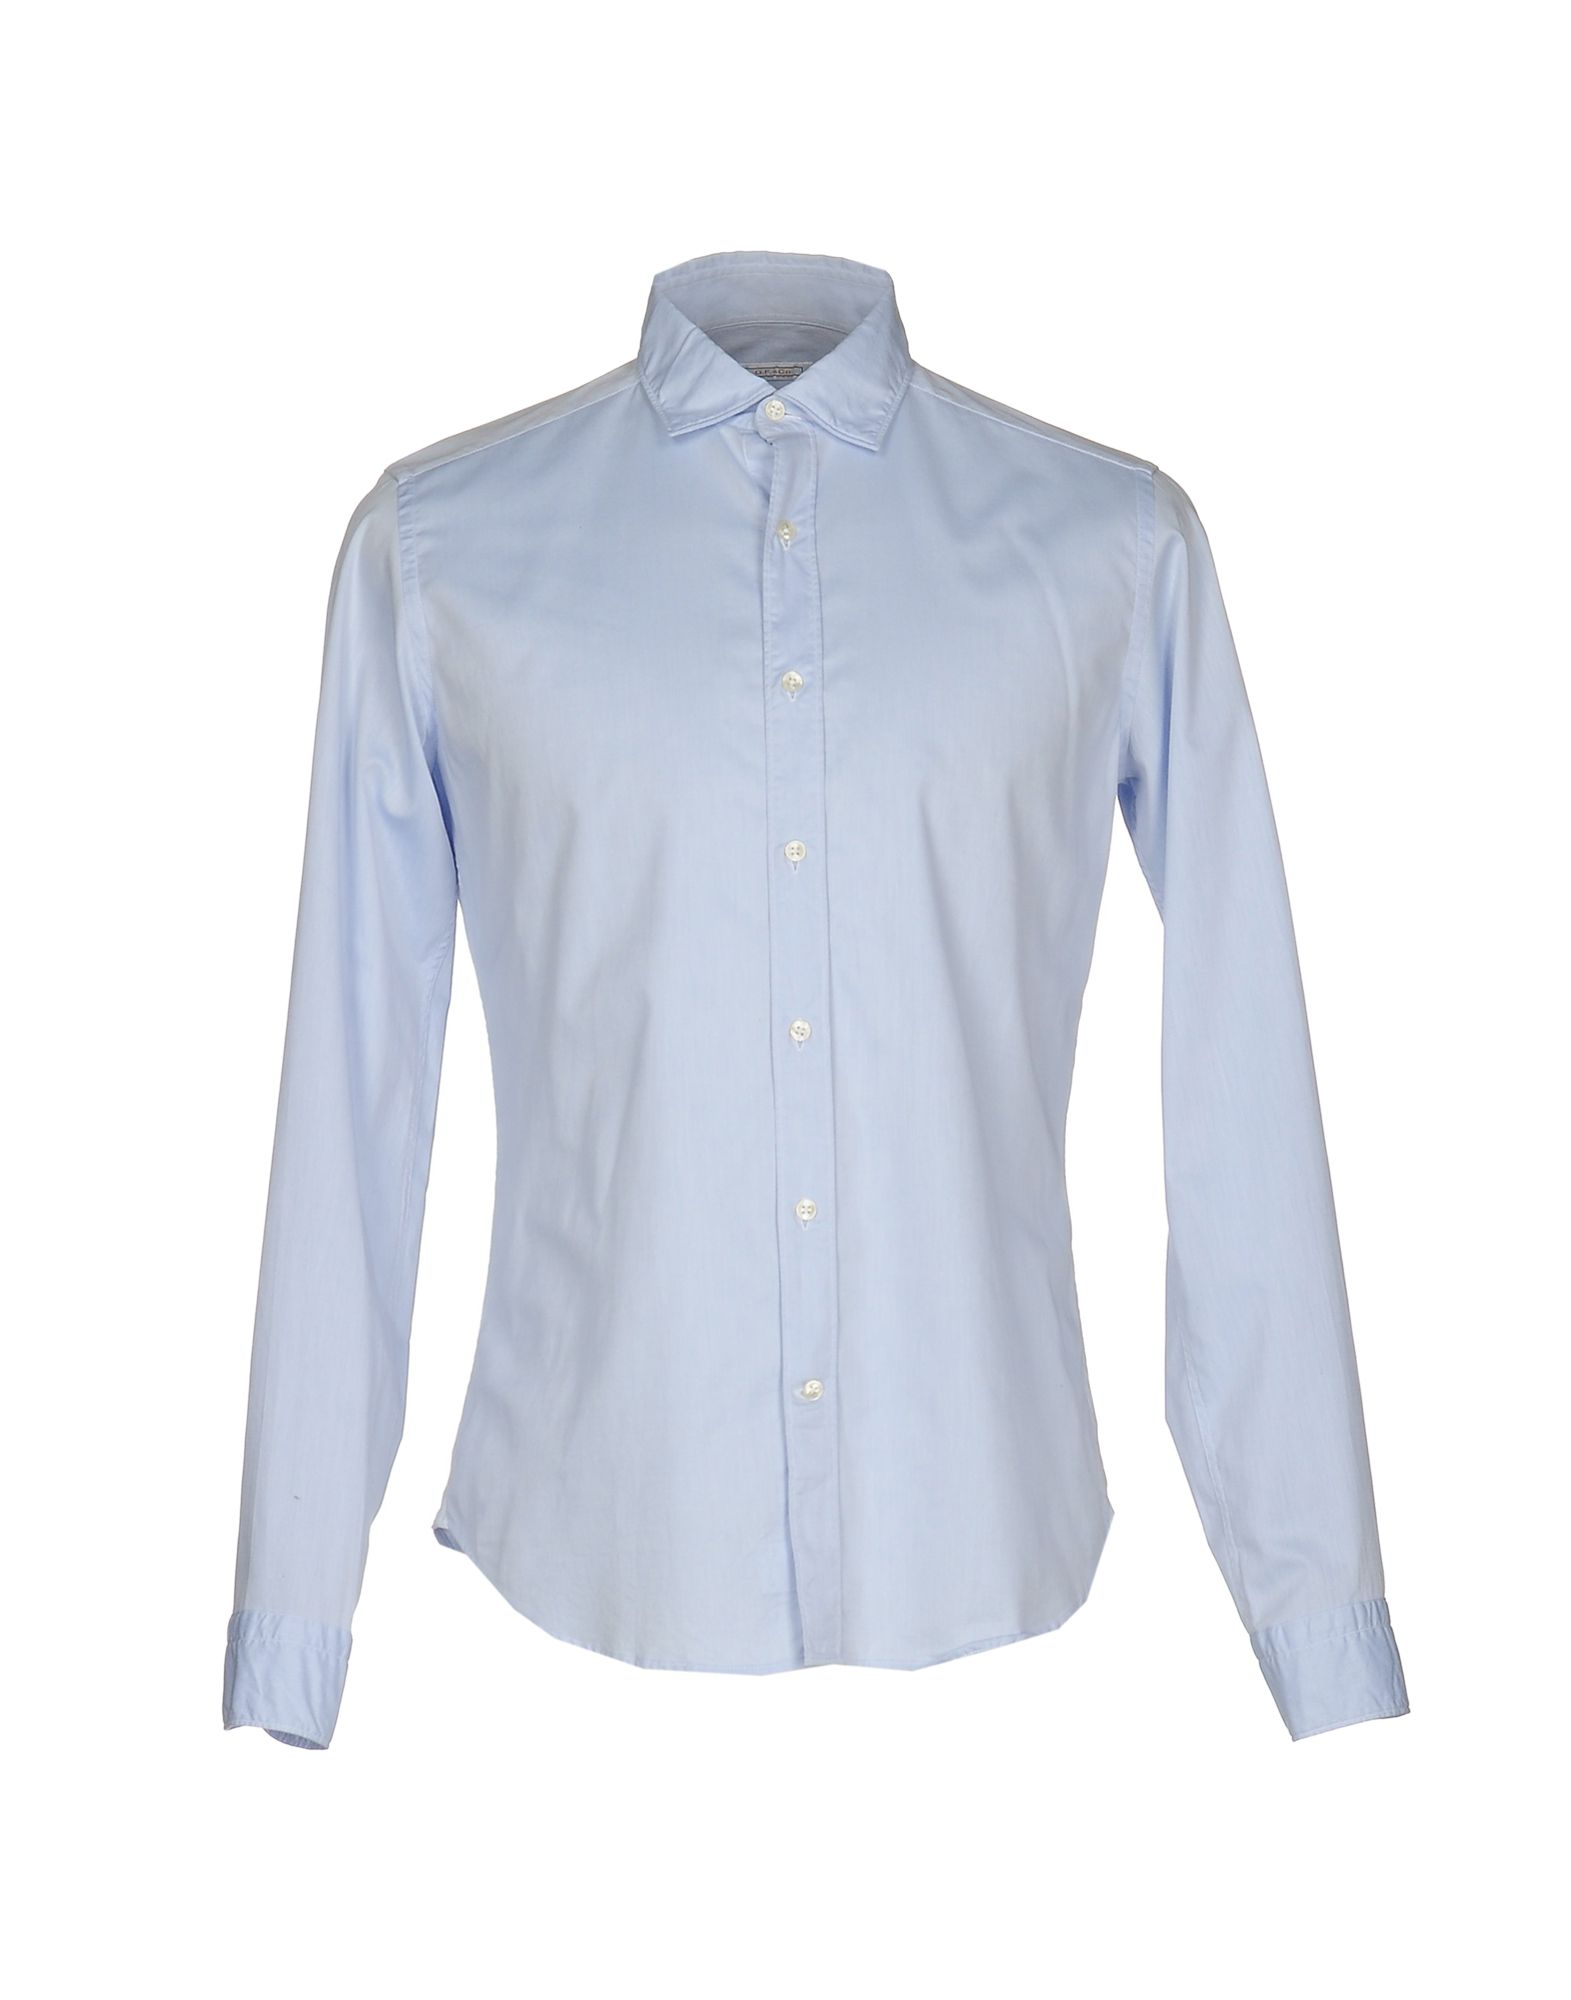 《セール開催中》G.F. & CO. メンズ シャツ スカイブルー 38 コットン 100%